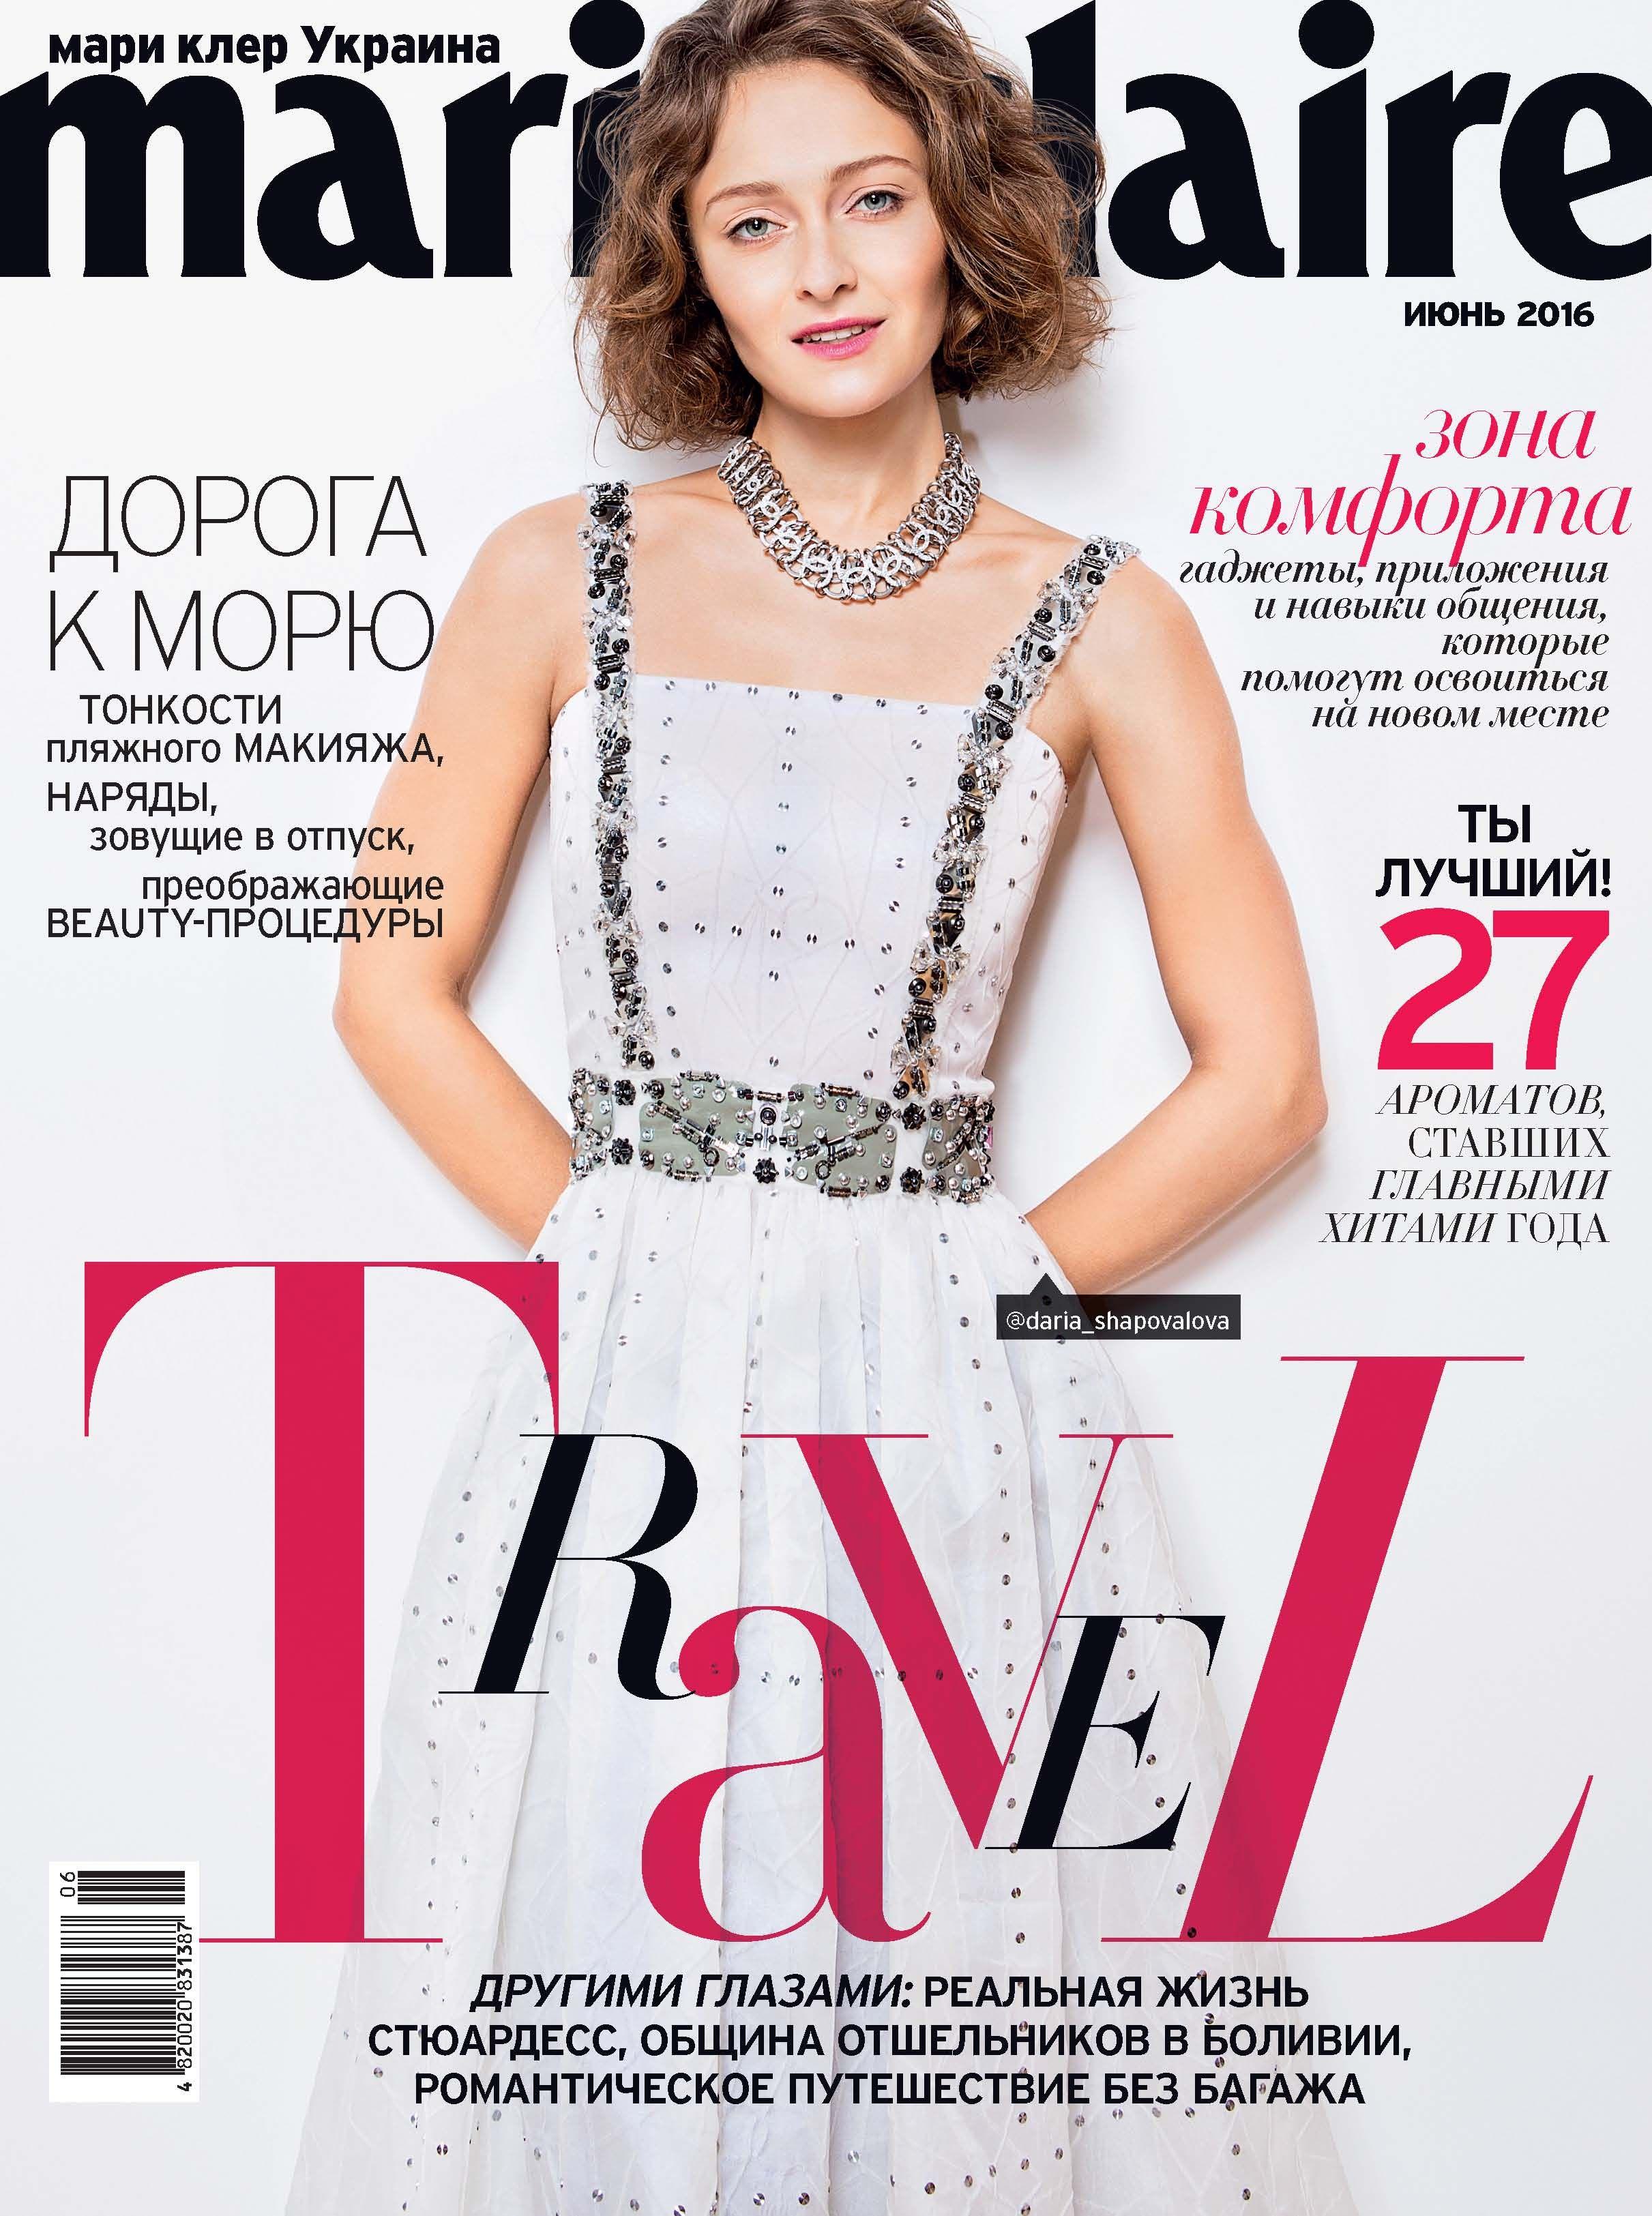 Daria Shapovalova for Marie Claire Ukraine June 2016 cover